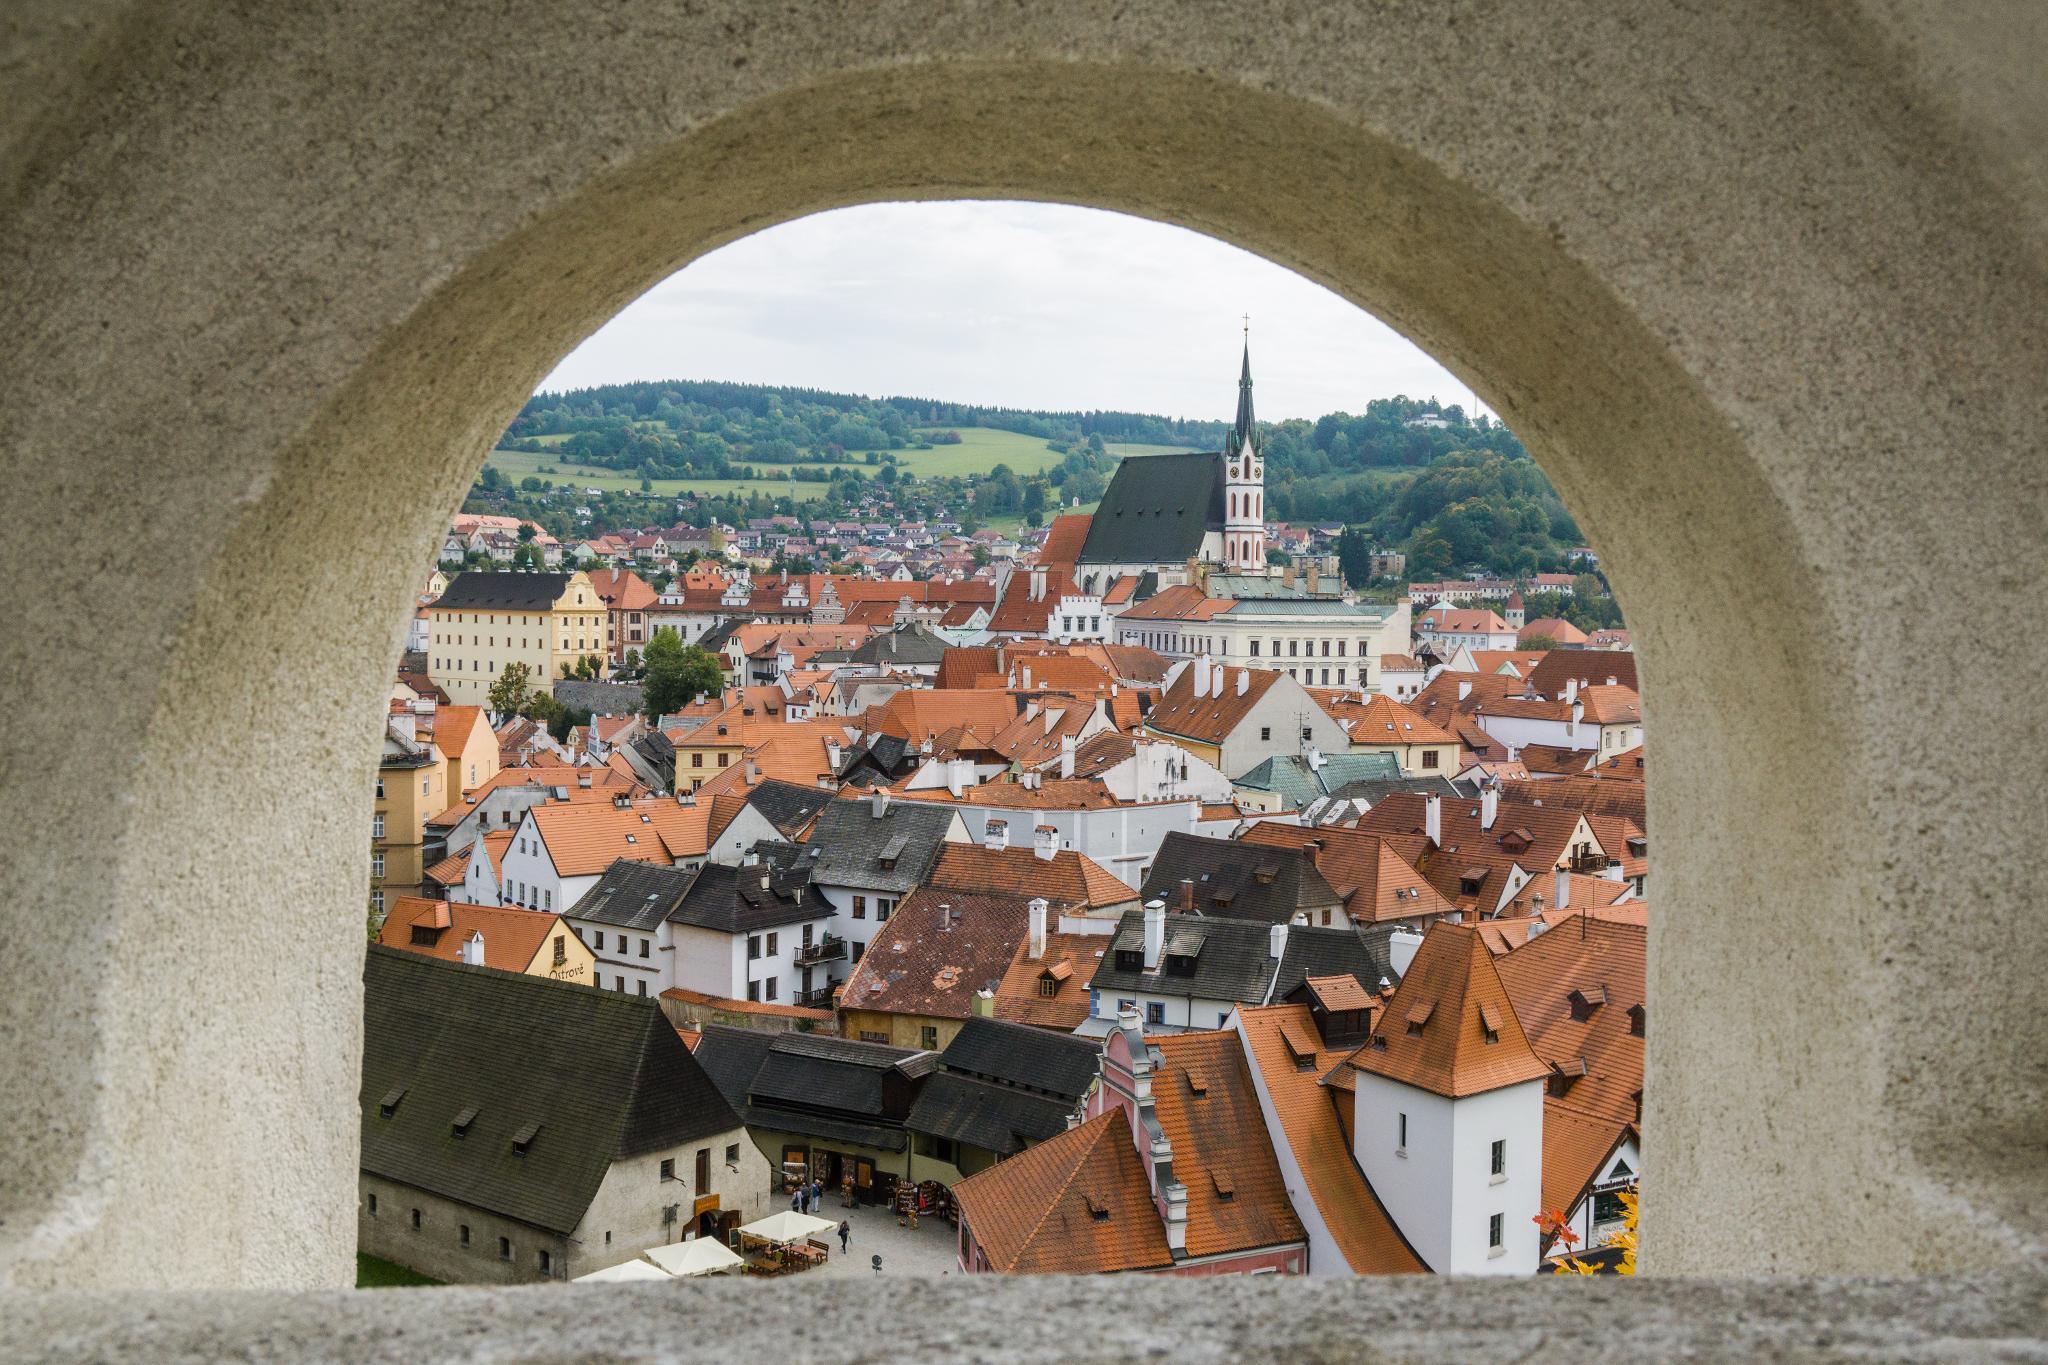 【捷克】穿越時空的波希米亞狂想曲 — Český Krumlov Castle 庫倫諾夫城堡 28